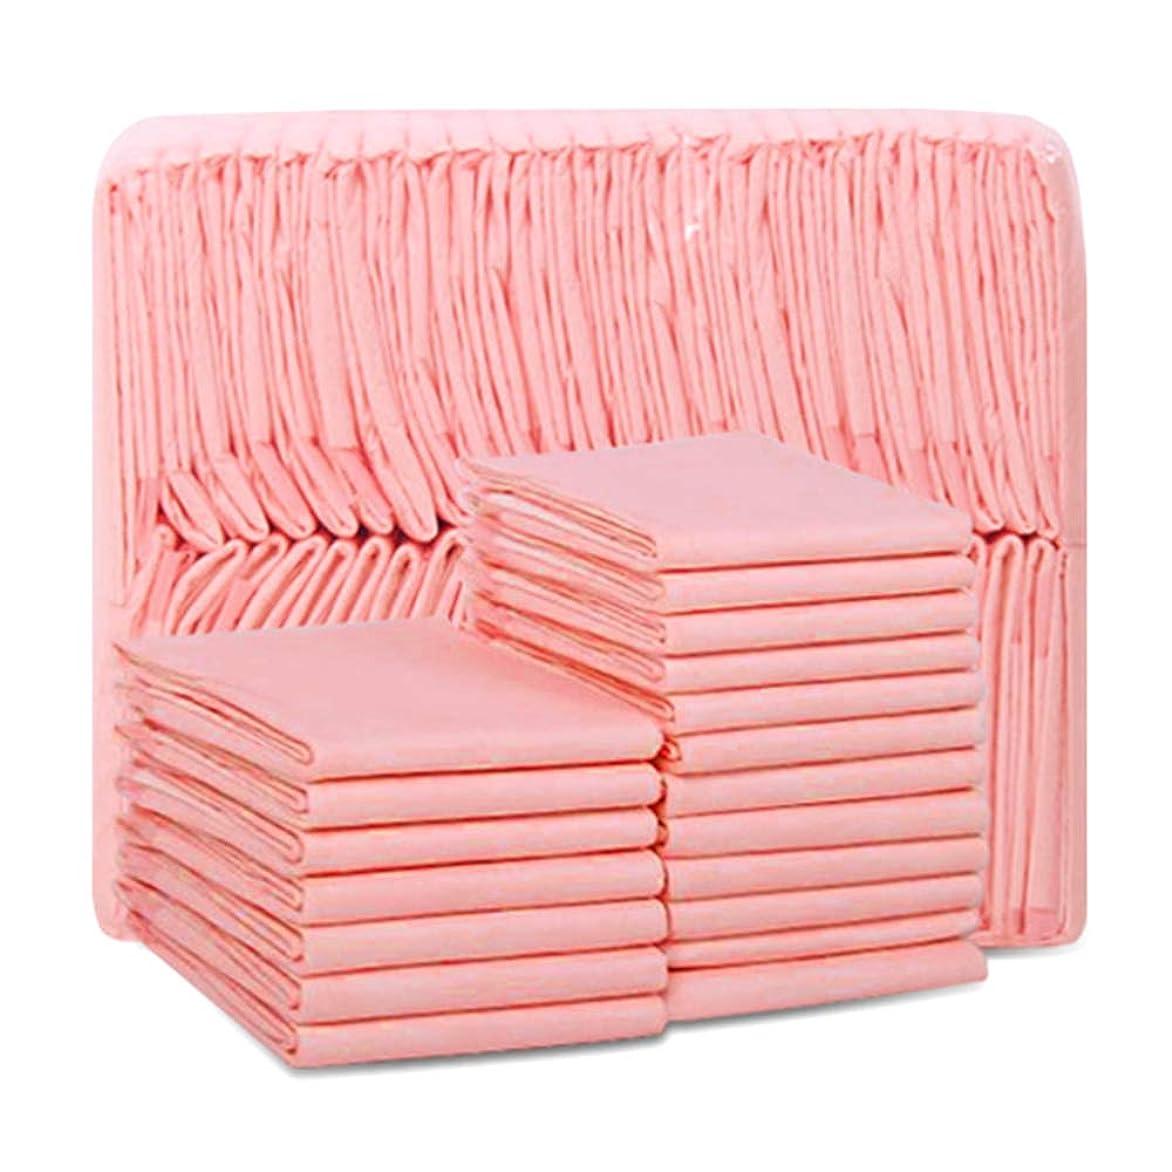 パリティマザーランド哲学的100パックペットトレーニングと子犬パッド犬トイレおしっこパッド新しい改善された品質6層厚い通気性消臭漏れ防止ベースフィルムスーパー吸収ピンク